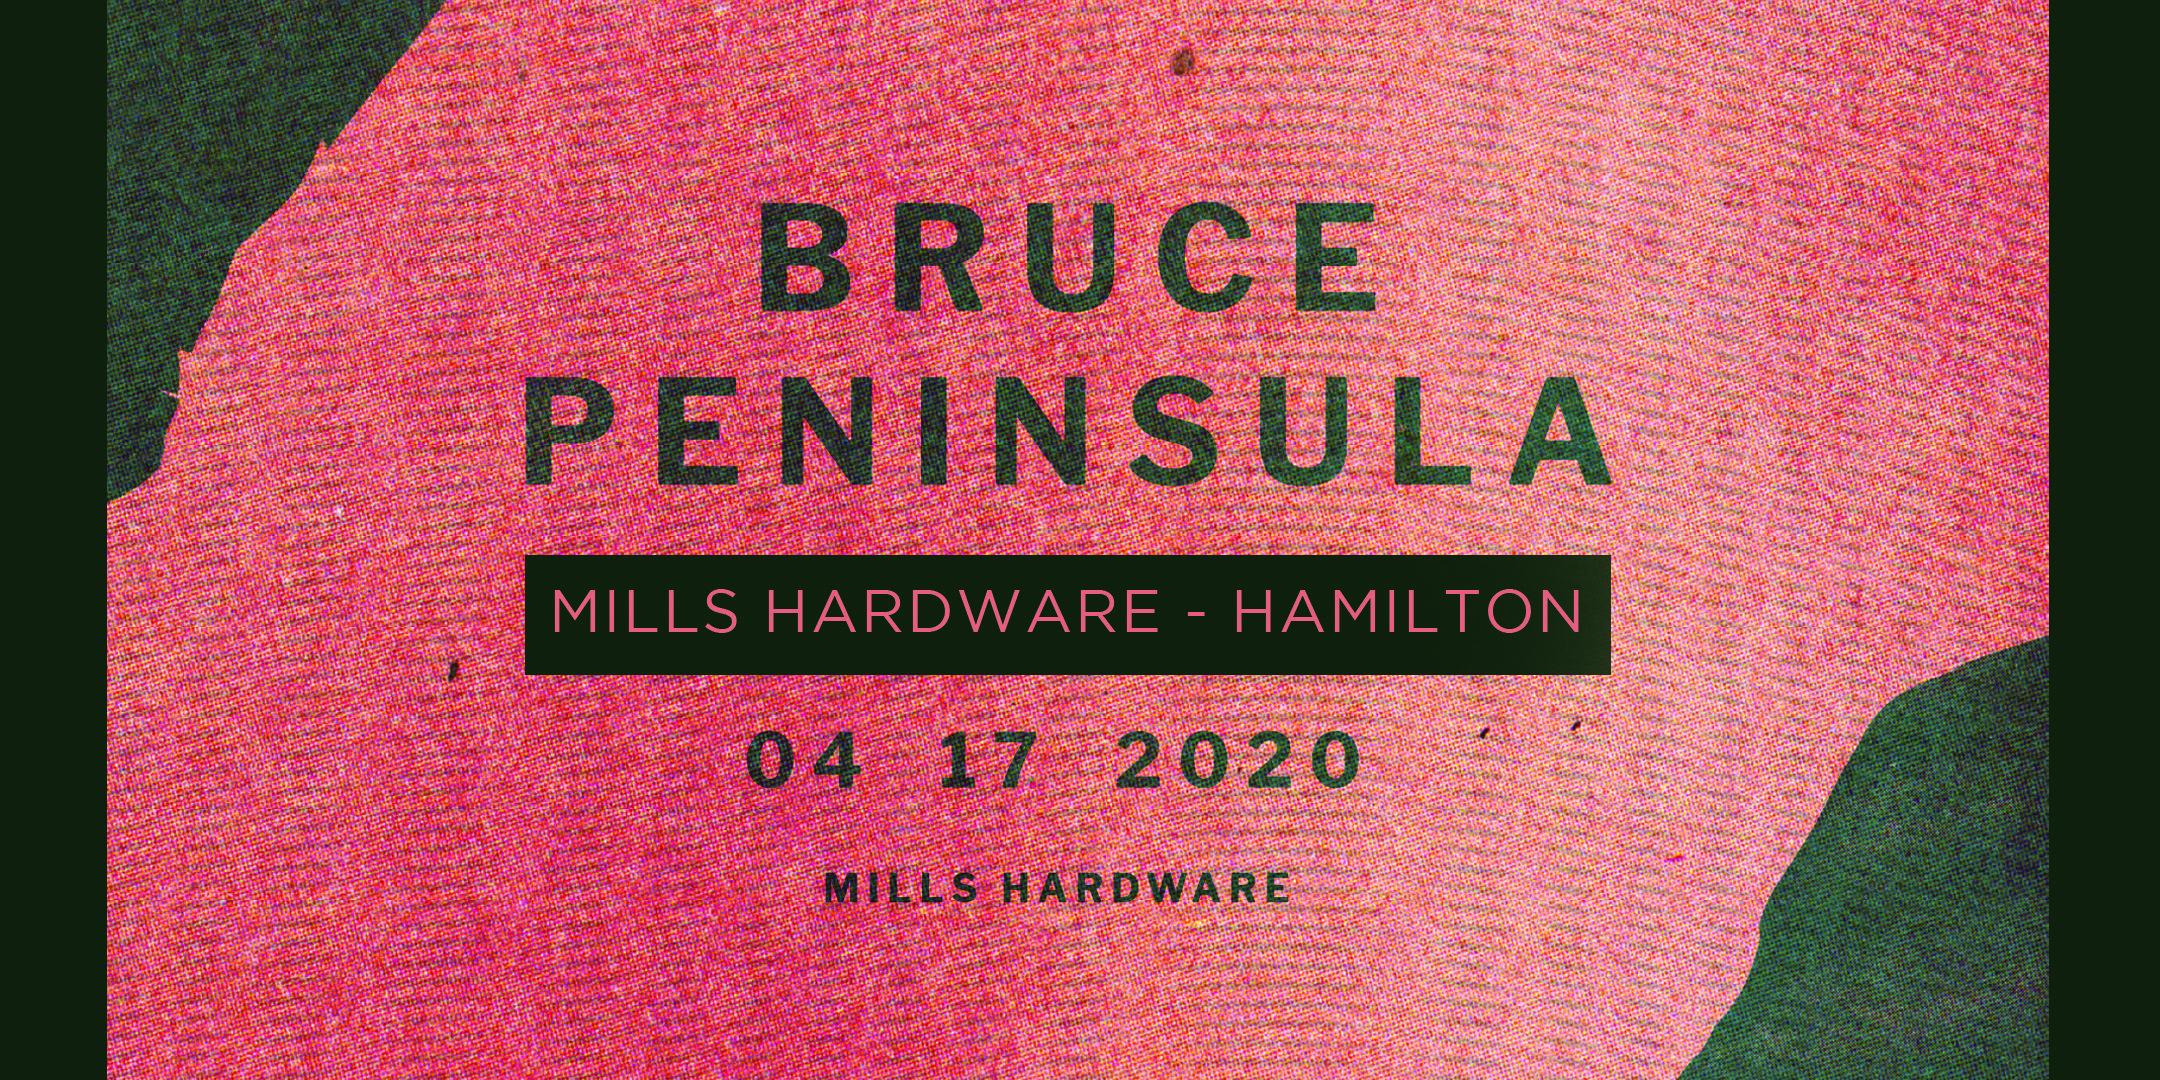 Bruce Peninsula